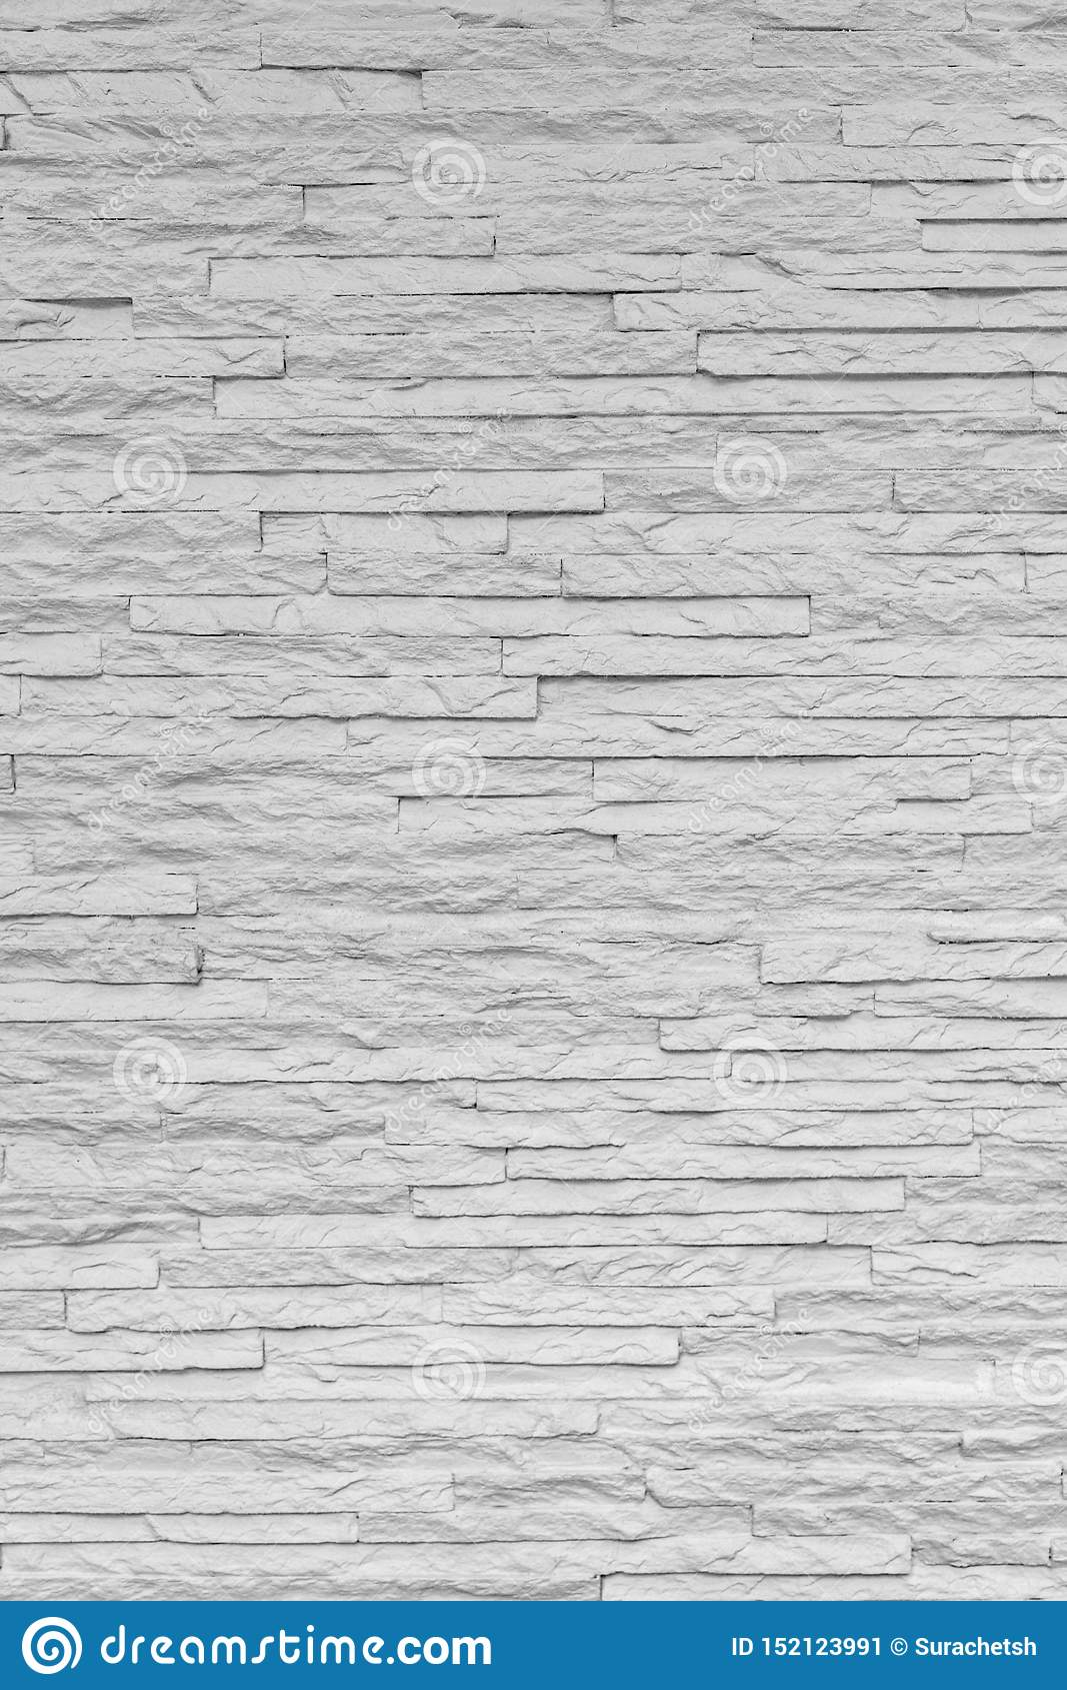 La brique en pierre classique blanche sont arrangées pour modeler sur le mur pour le beau fond minimal et simple